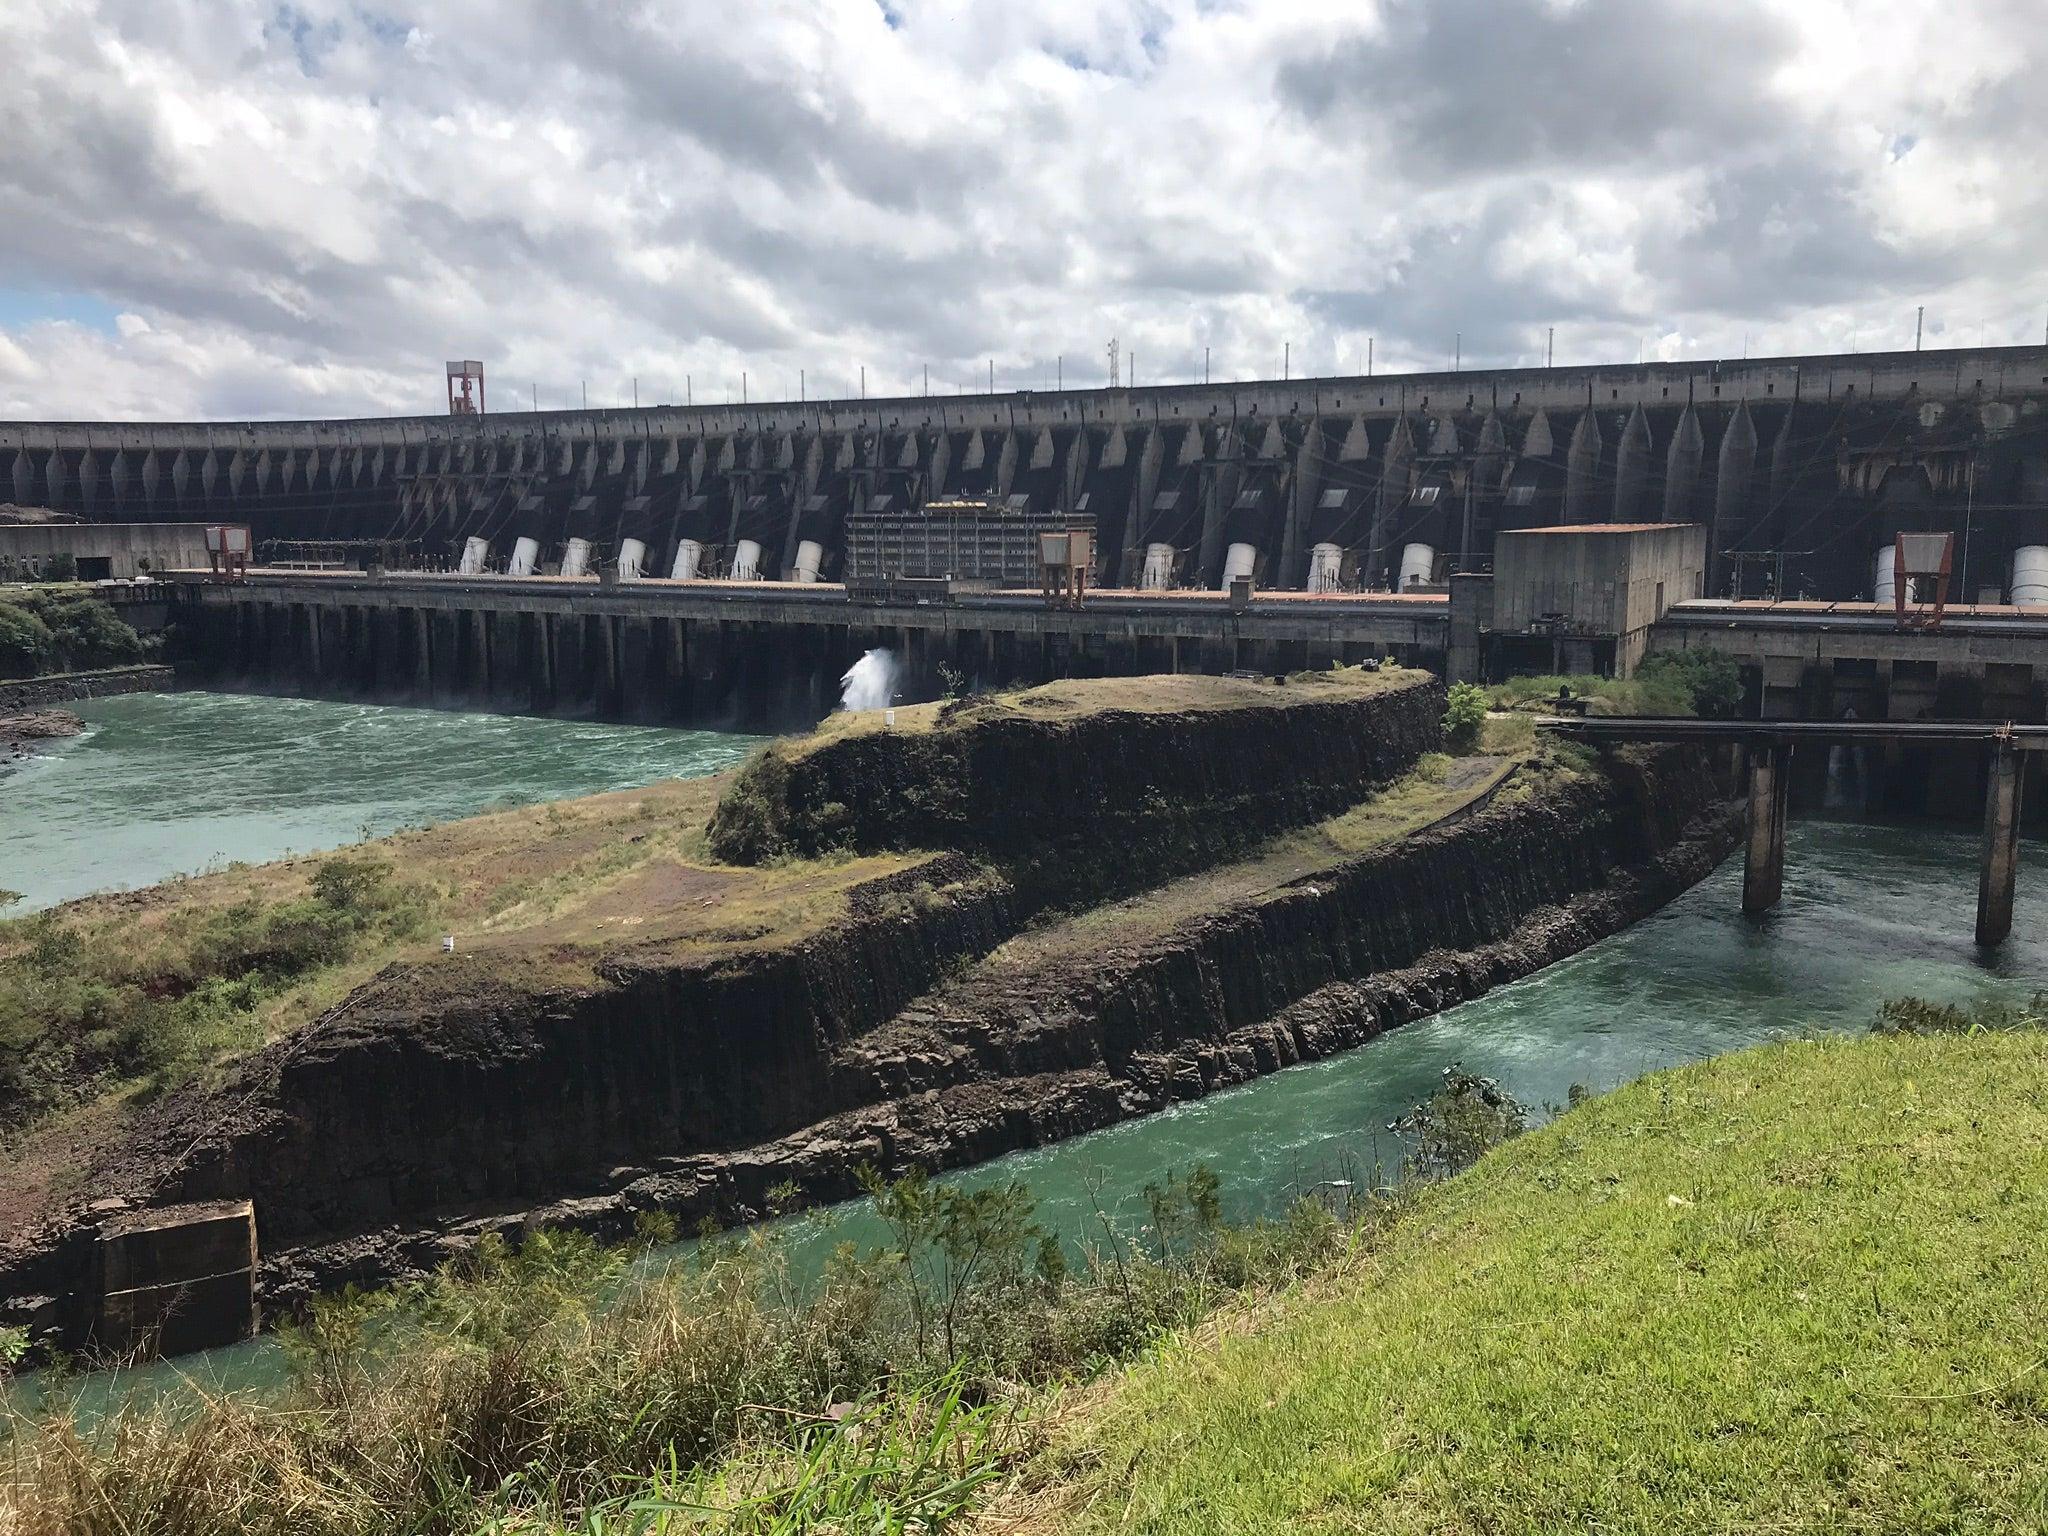 Itaipu Dam, 2018 by Matthew Johnson